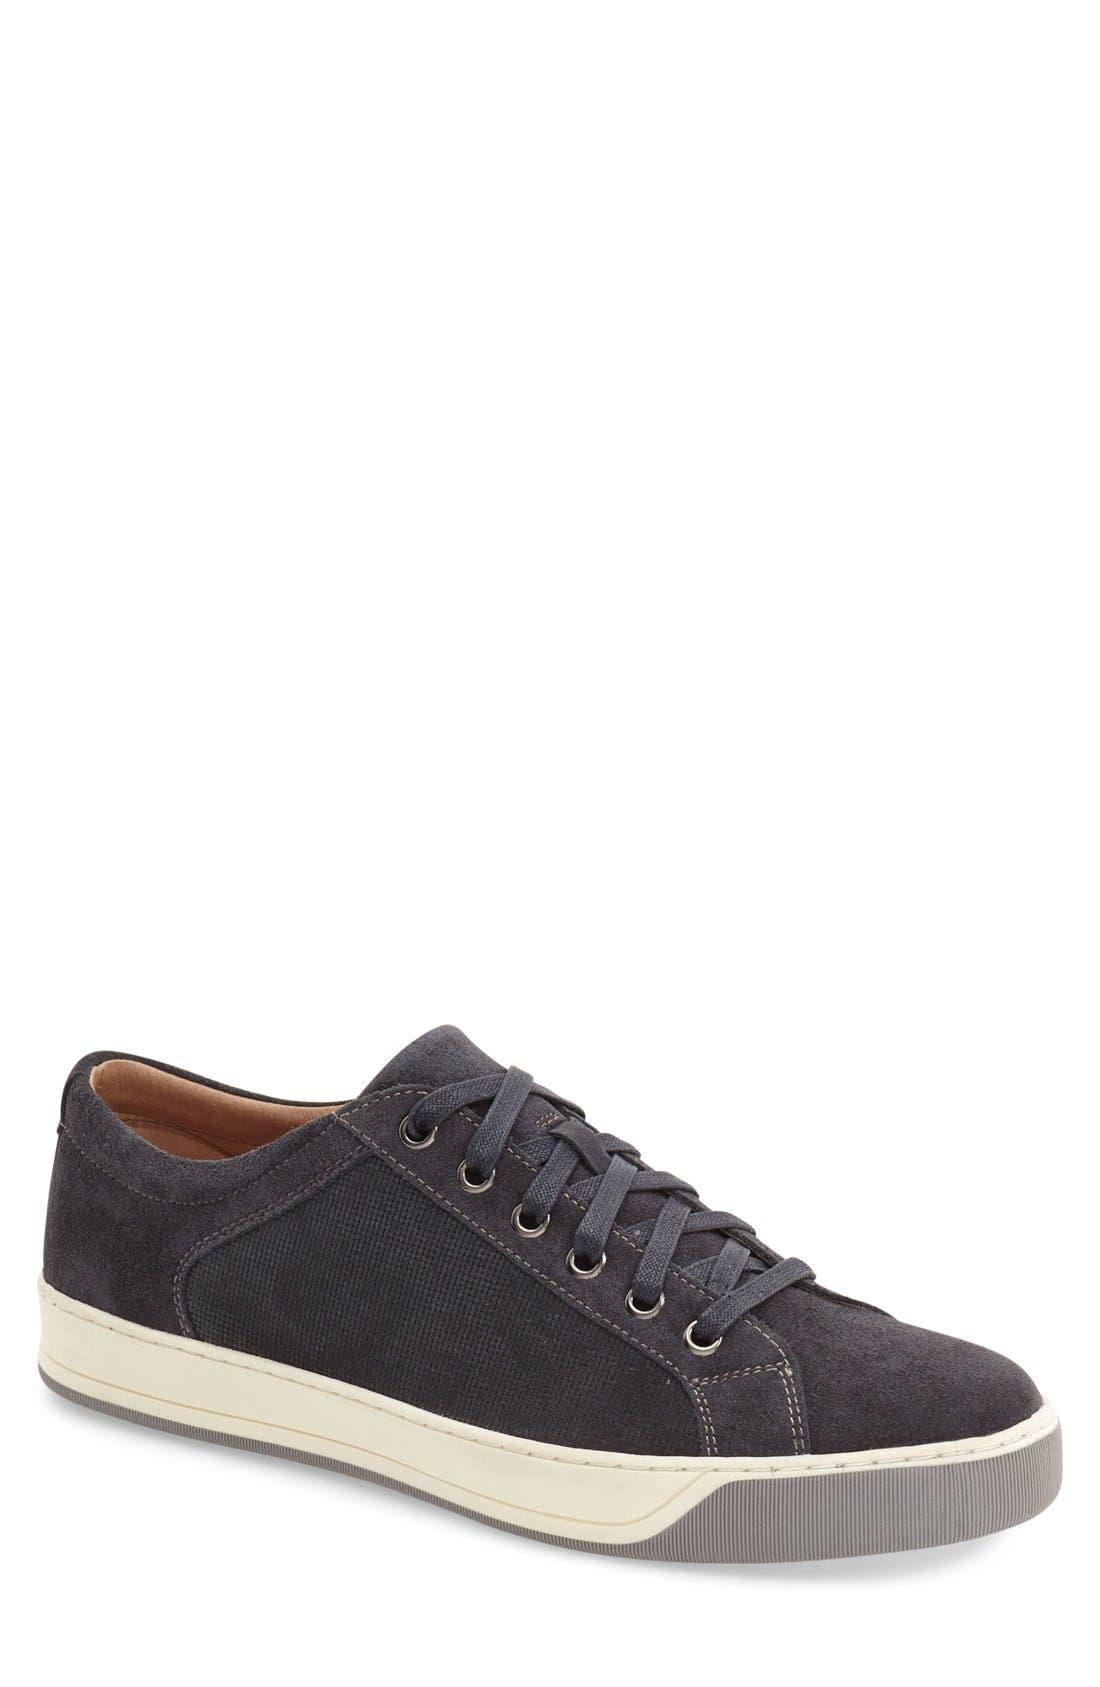 Alternate Image 1 Selected - J&M 1850 Allister Sneaker (Men)